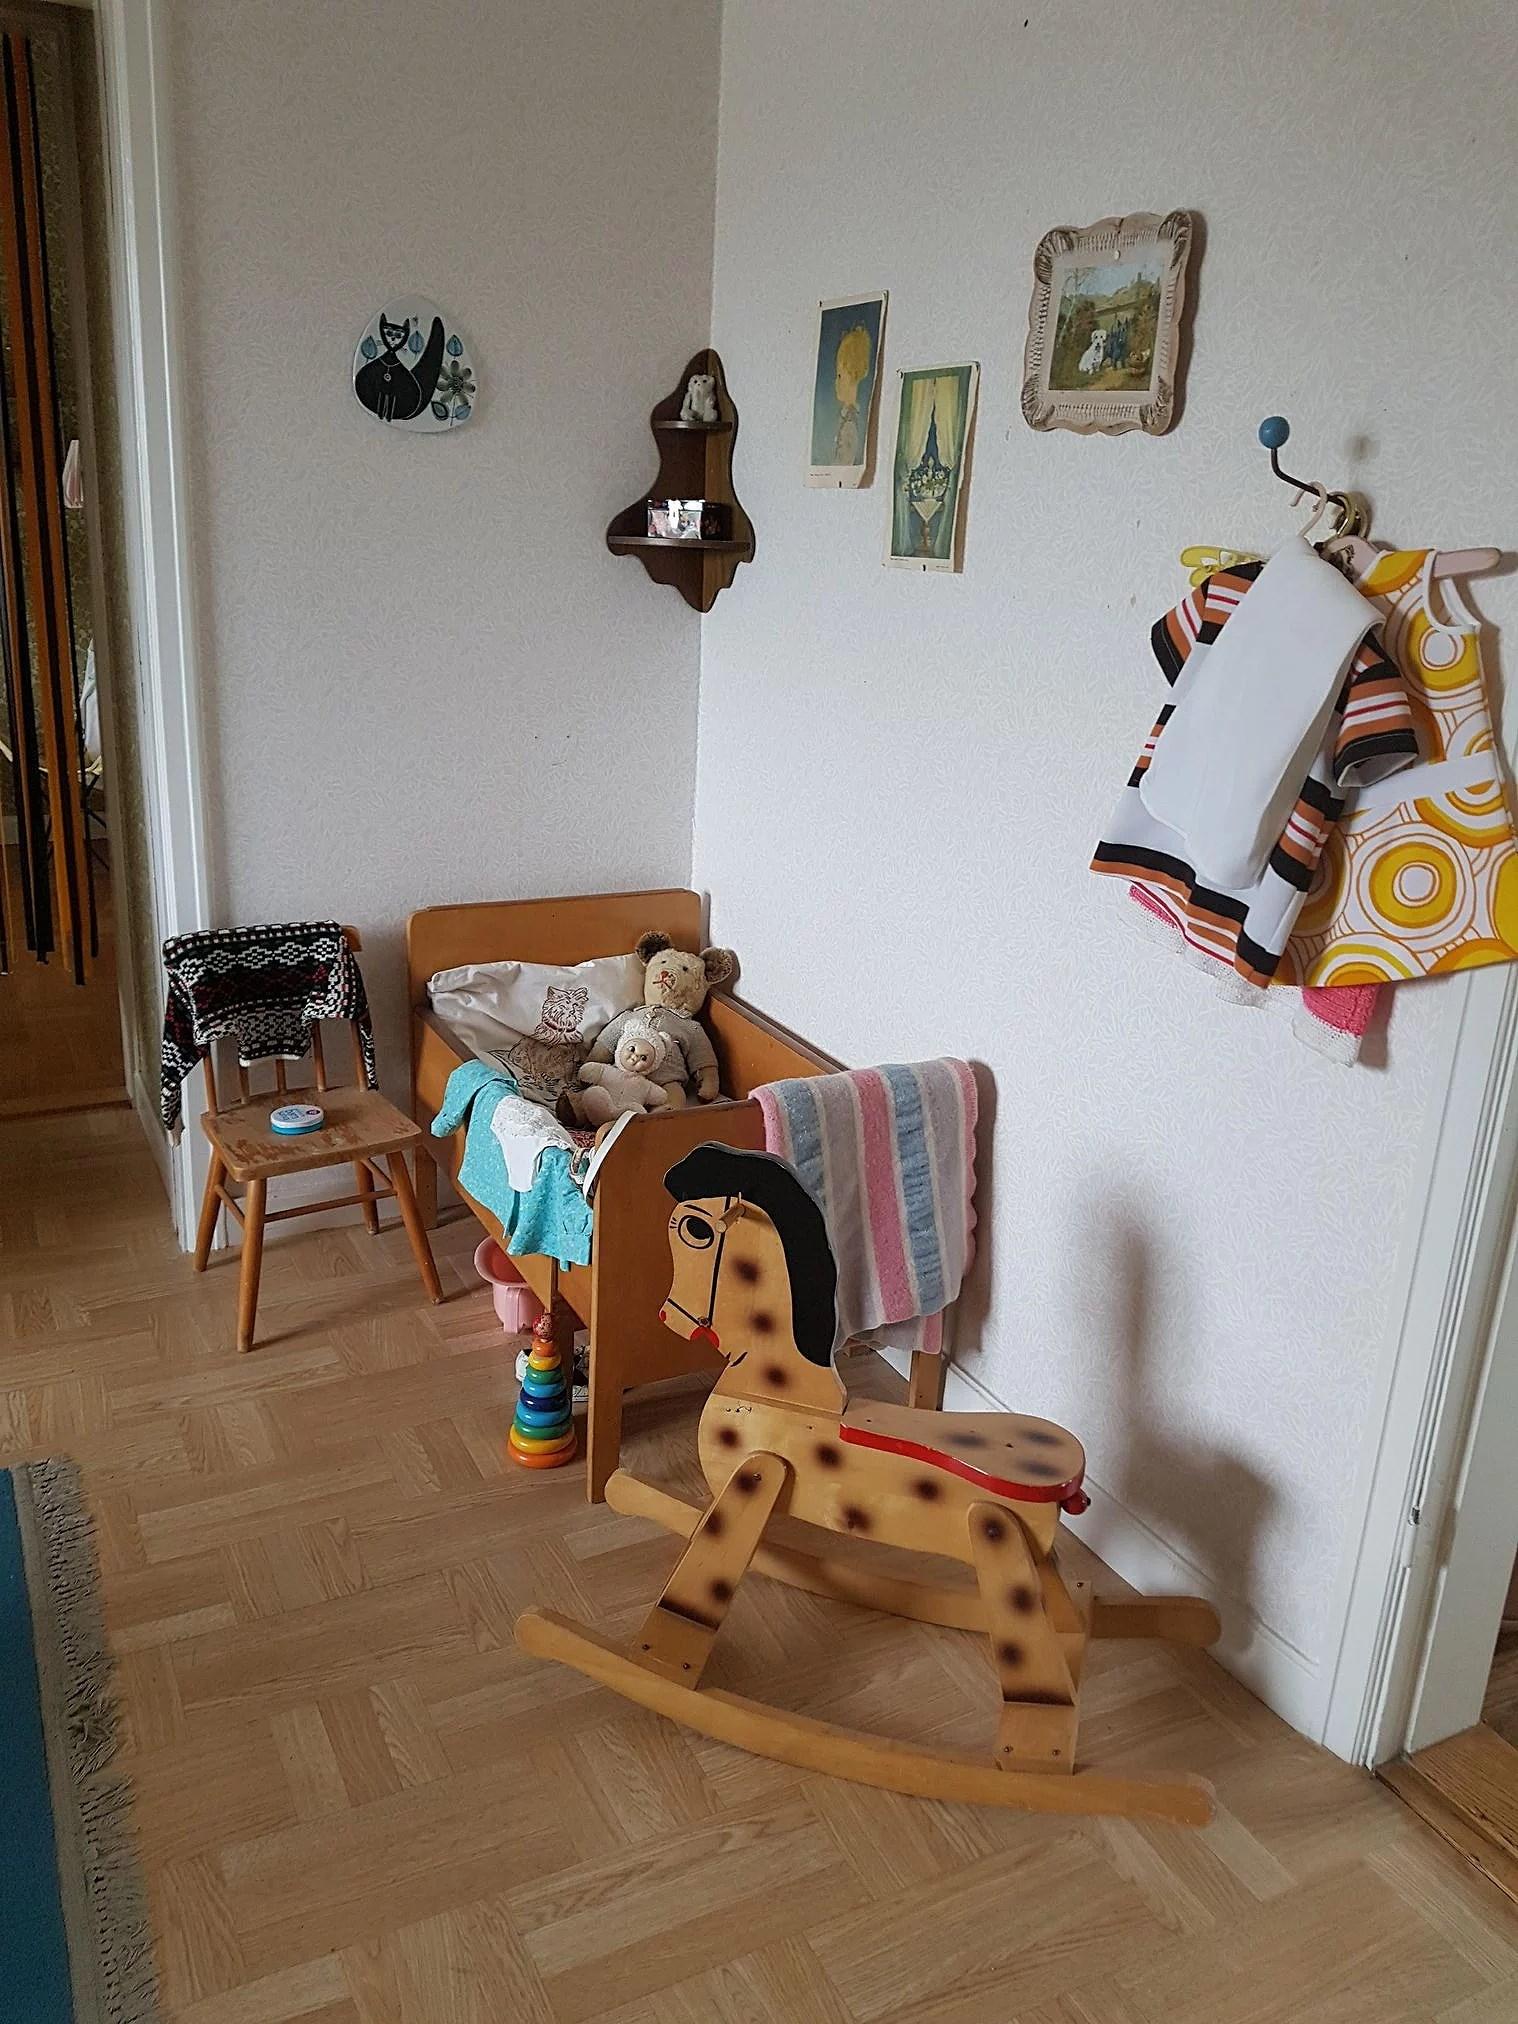 Vi hamnade i en lägenhet från 60-talet